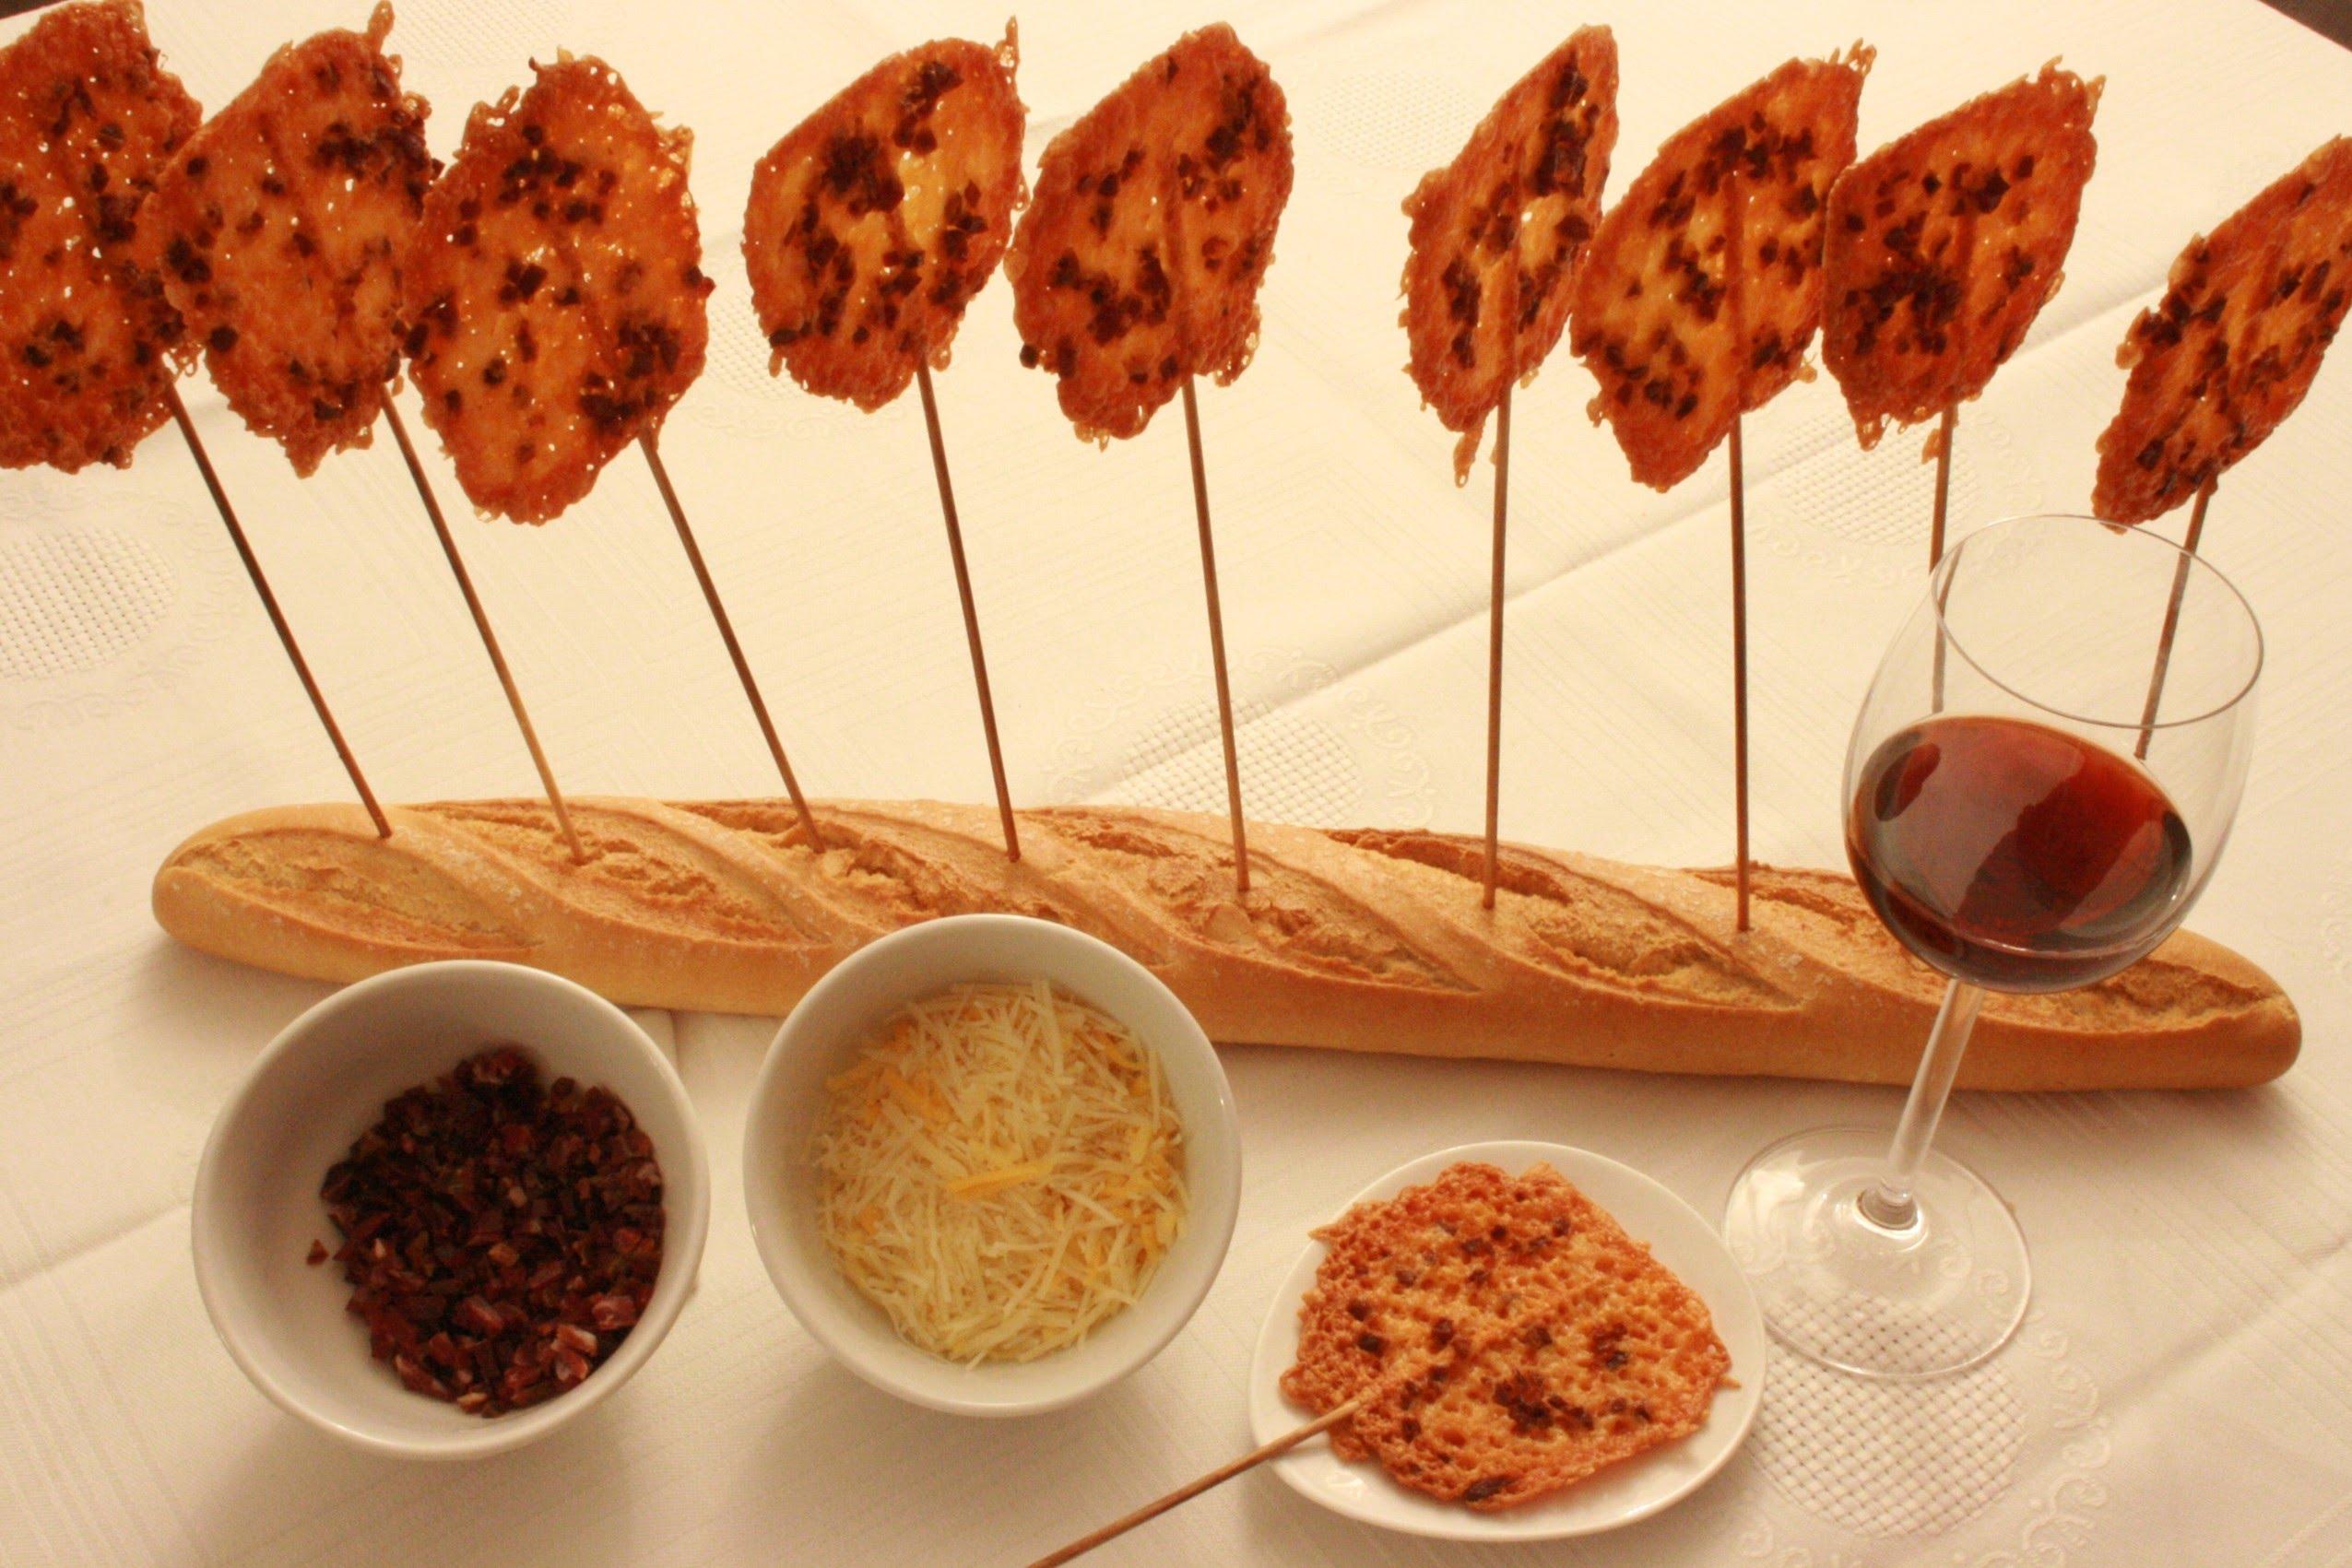 Snack divertido y fácil de hacer, piruleta de jamón ibérico y queso